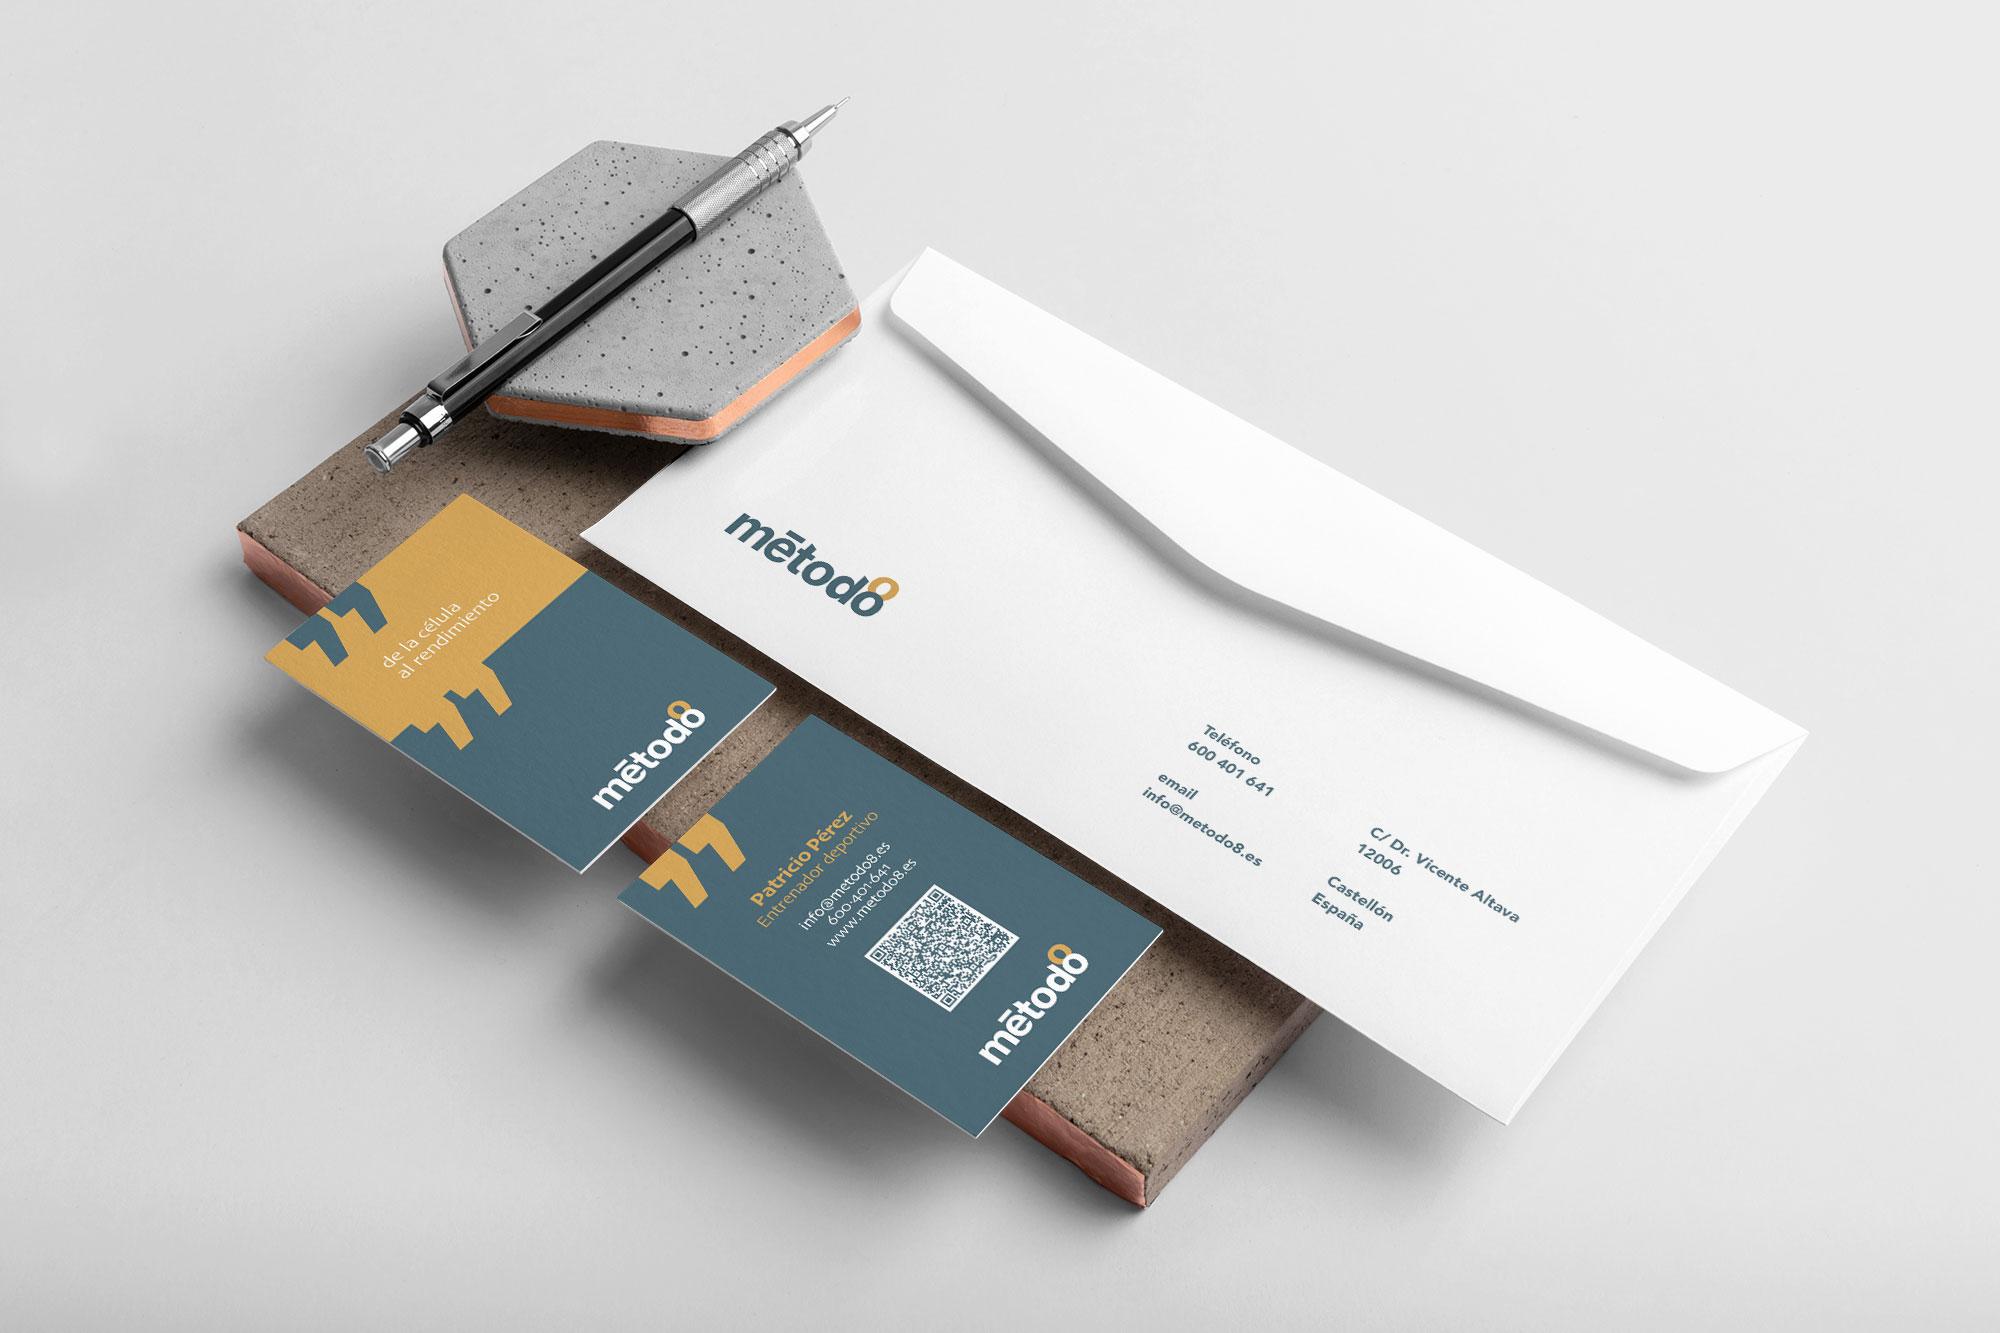 Agencia Creativa de diseño gráfico y Marketing online, donde tratamos diferentes disciplinas, como Branding, Diseño Gráfico, Naming, diseño editorial, Diseño Web, Social Media y desarrollos audiovisuales.